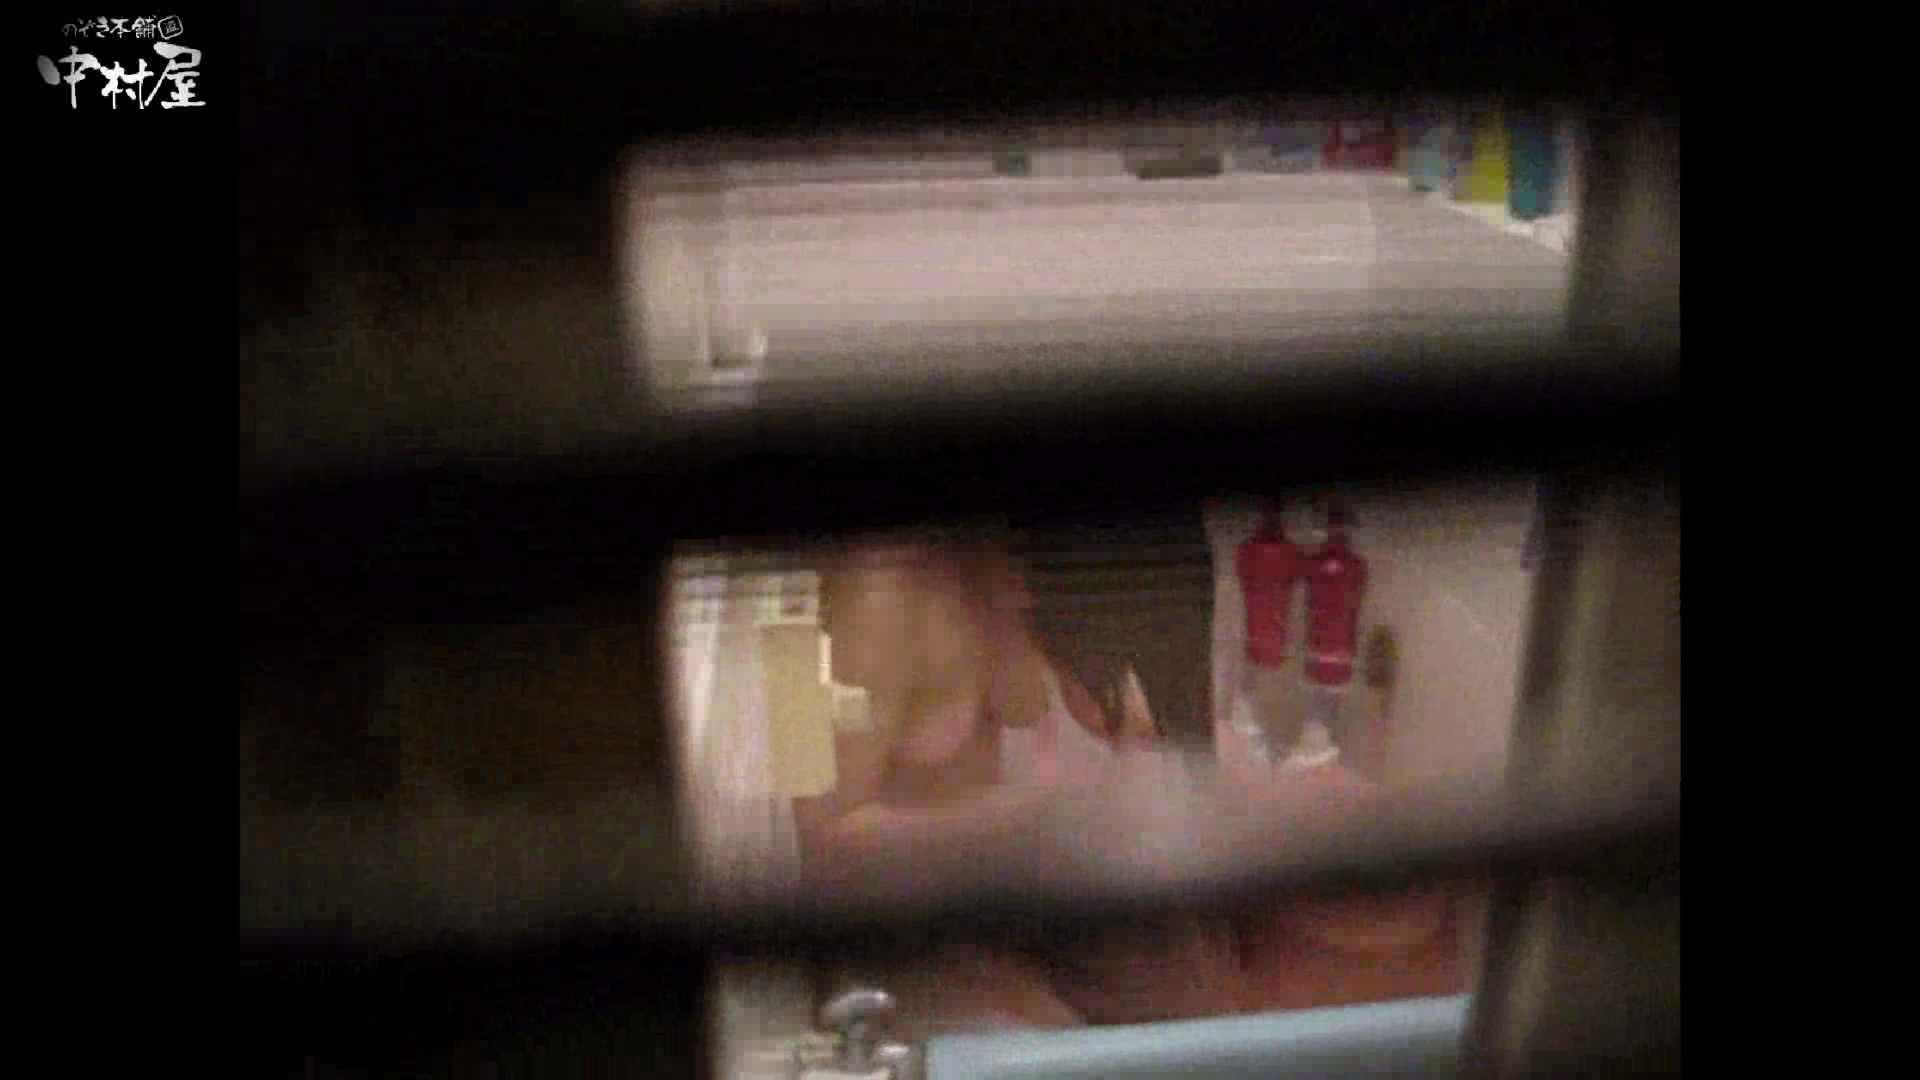 民家風呂専門盗撮師の超危険映像 vol.017 美少女ヌード  87画像 6